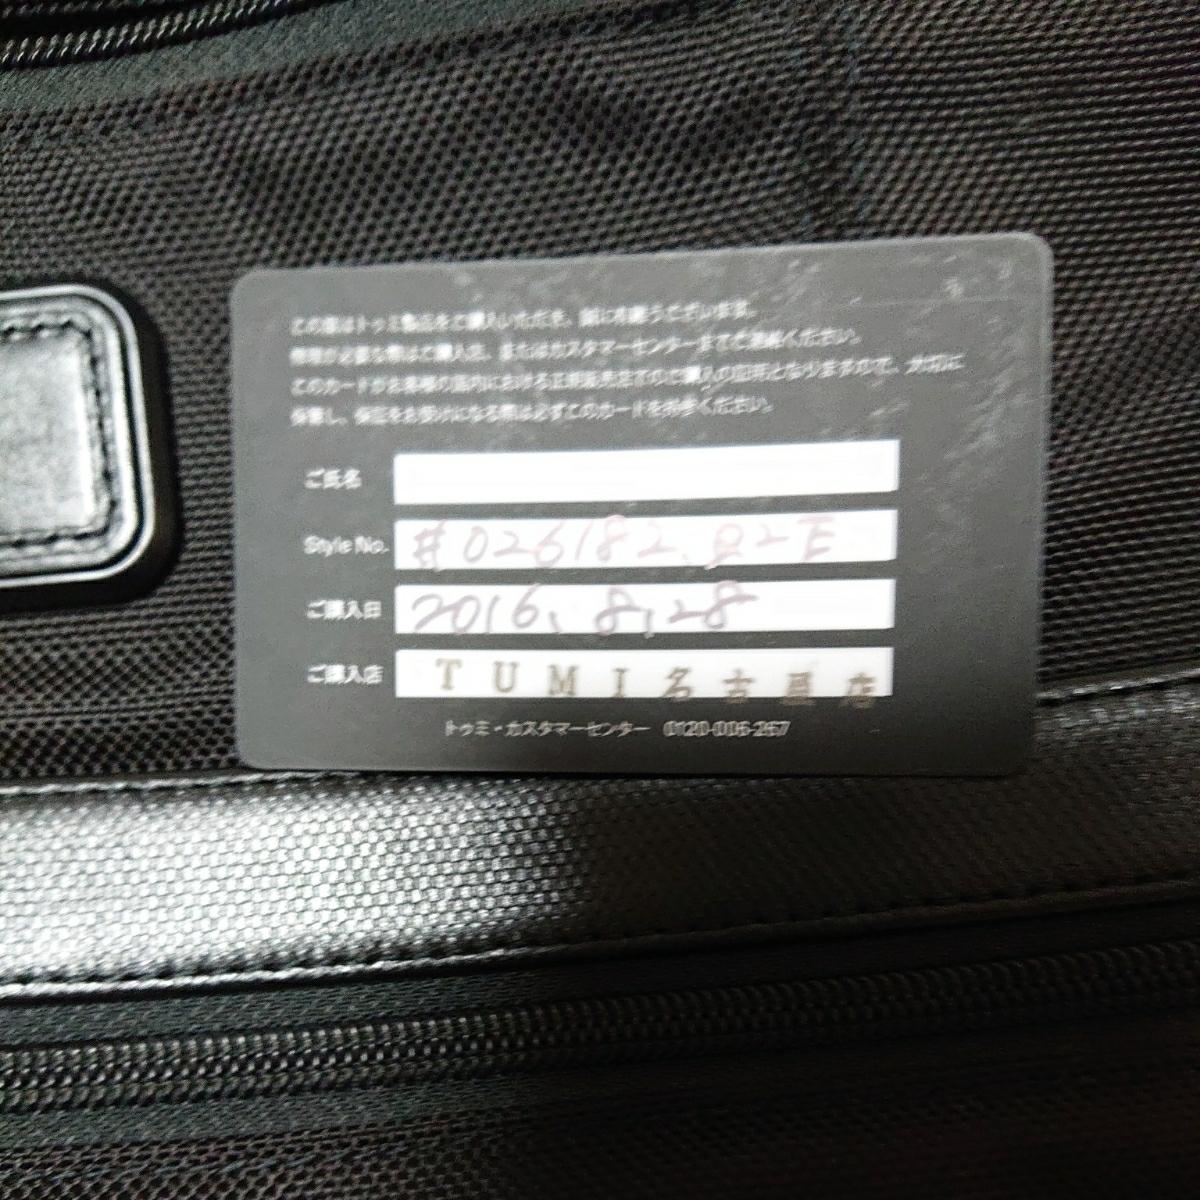 TUMI 3way 26182 スリム・スリーウェイ・ブリーフ 日本限定 ギャランティカード付_画像4